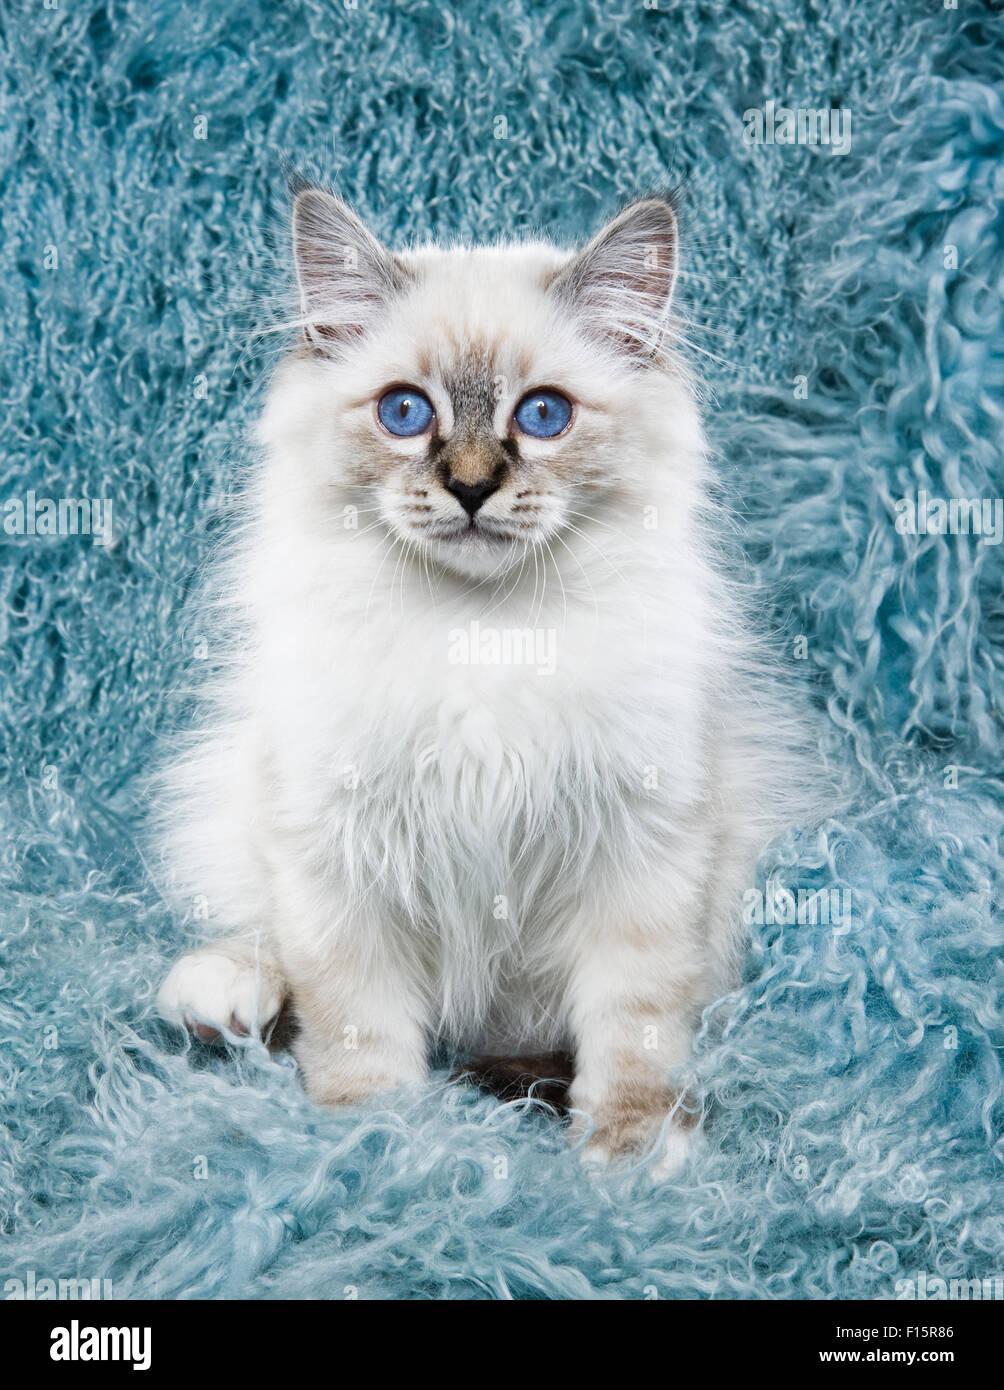 Portrait de chaton blanc moelleux avec des yeux bleus perçants sur de longs cheveux turquoise background Photo Stock